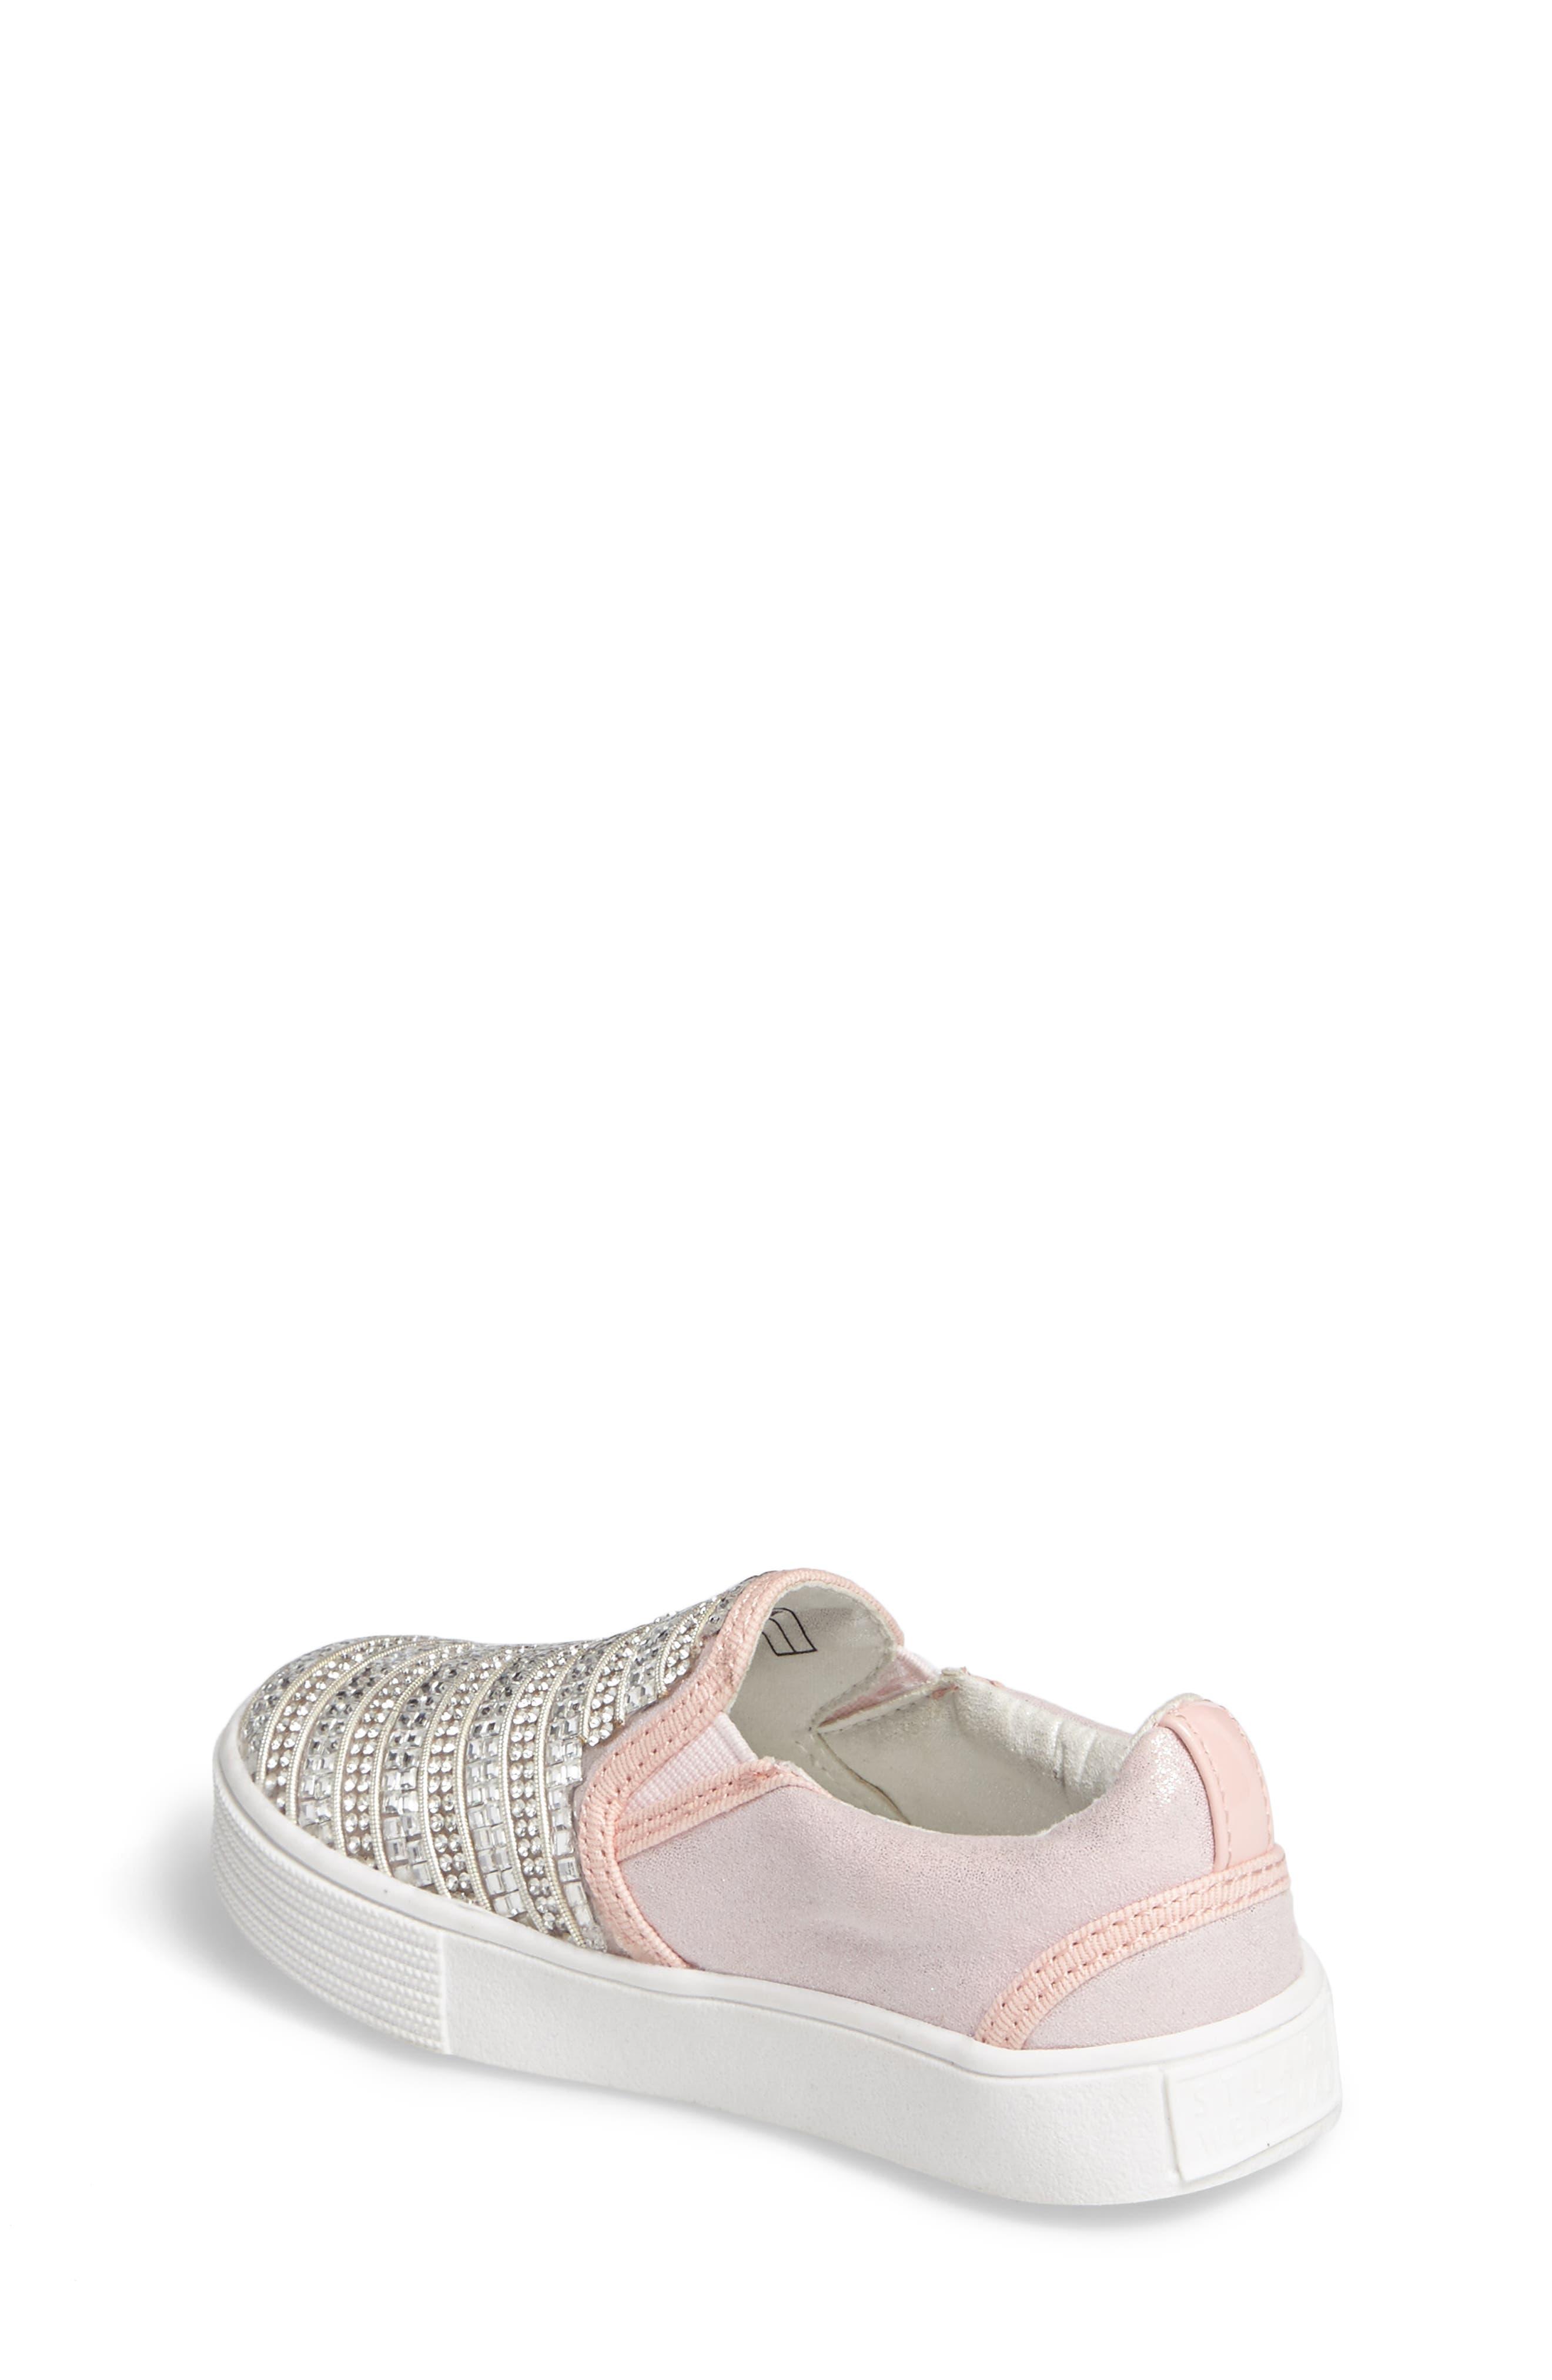 Vance Glitz Slip-On Sneaker,                             Alternate thumbnail 6, color,